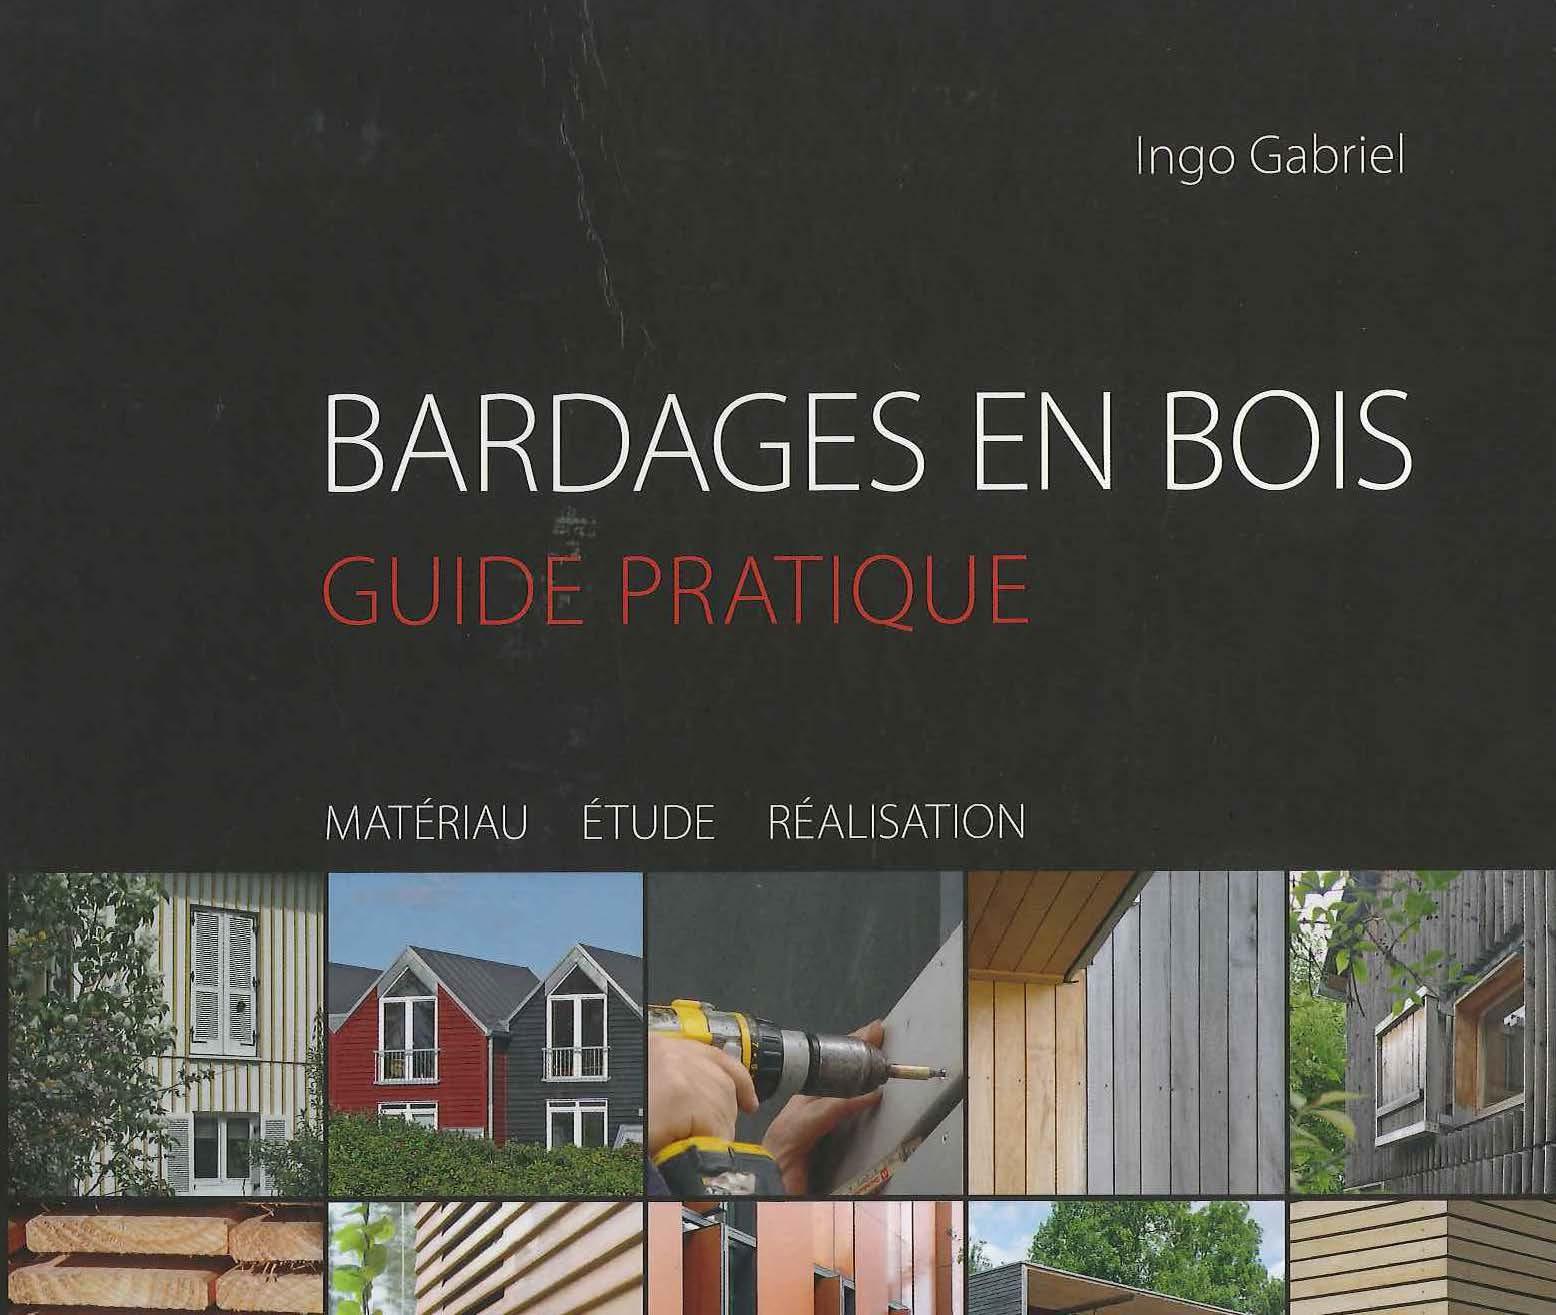 Bardages en bois - Guide pratique